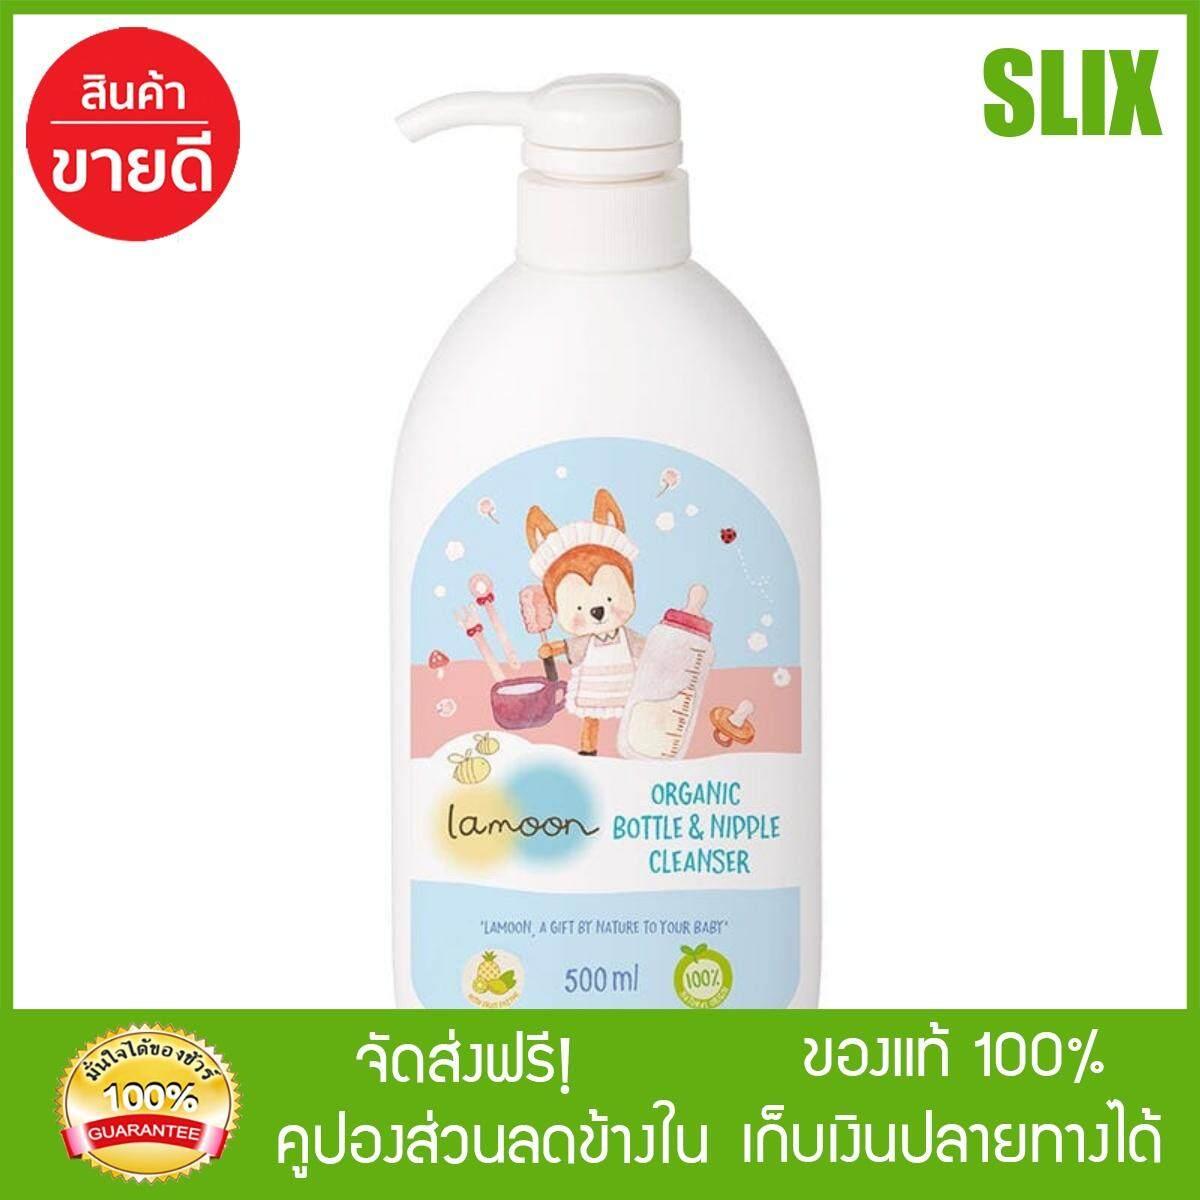 [Slix]- ละมุนน้ำยาล้างขวดนมเด็กออร์แกนิค 500มล.(หัวปั๊ม) น้ำยาล้างขวดนม ส่ง Kerry เก็บปลายทางได้